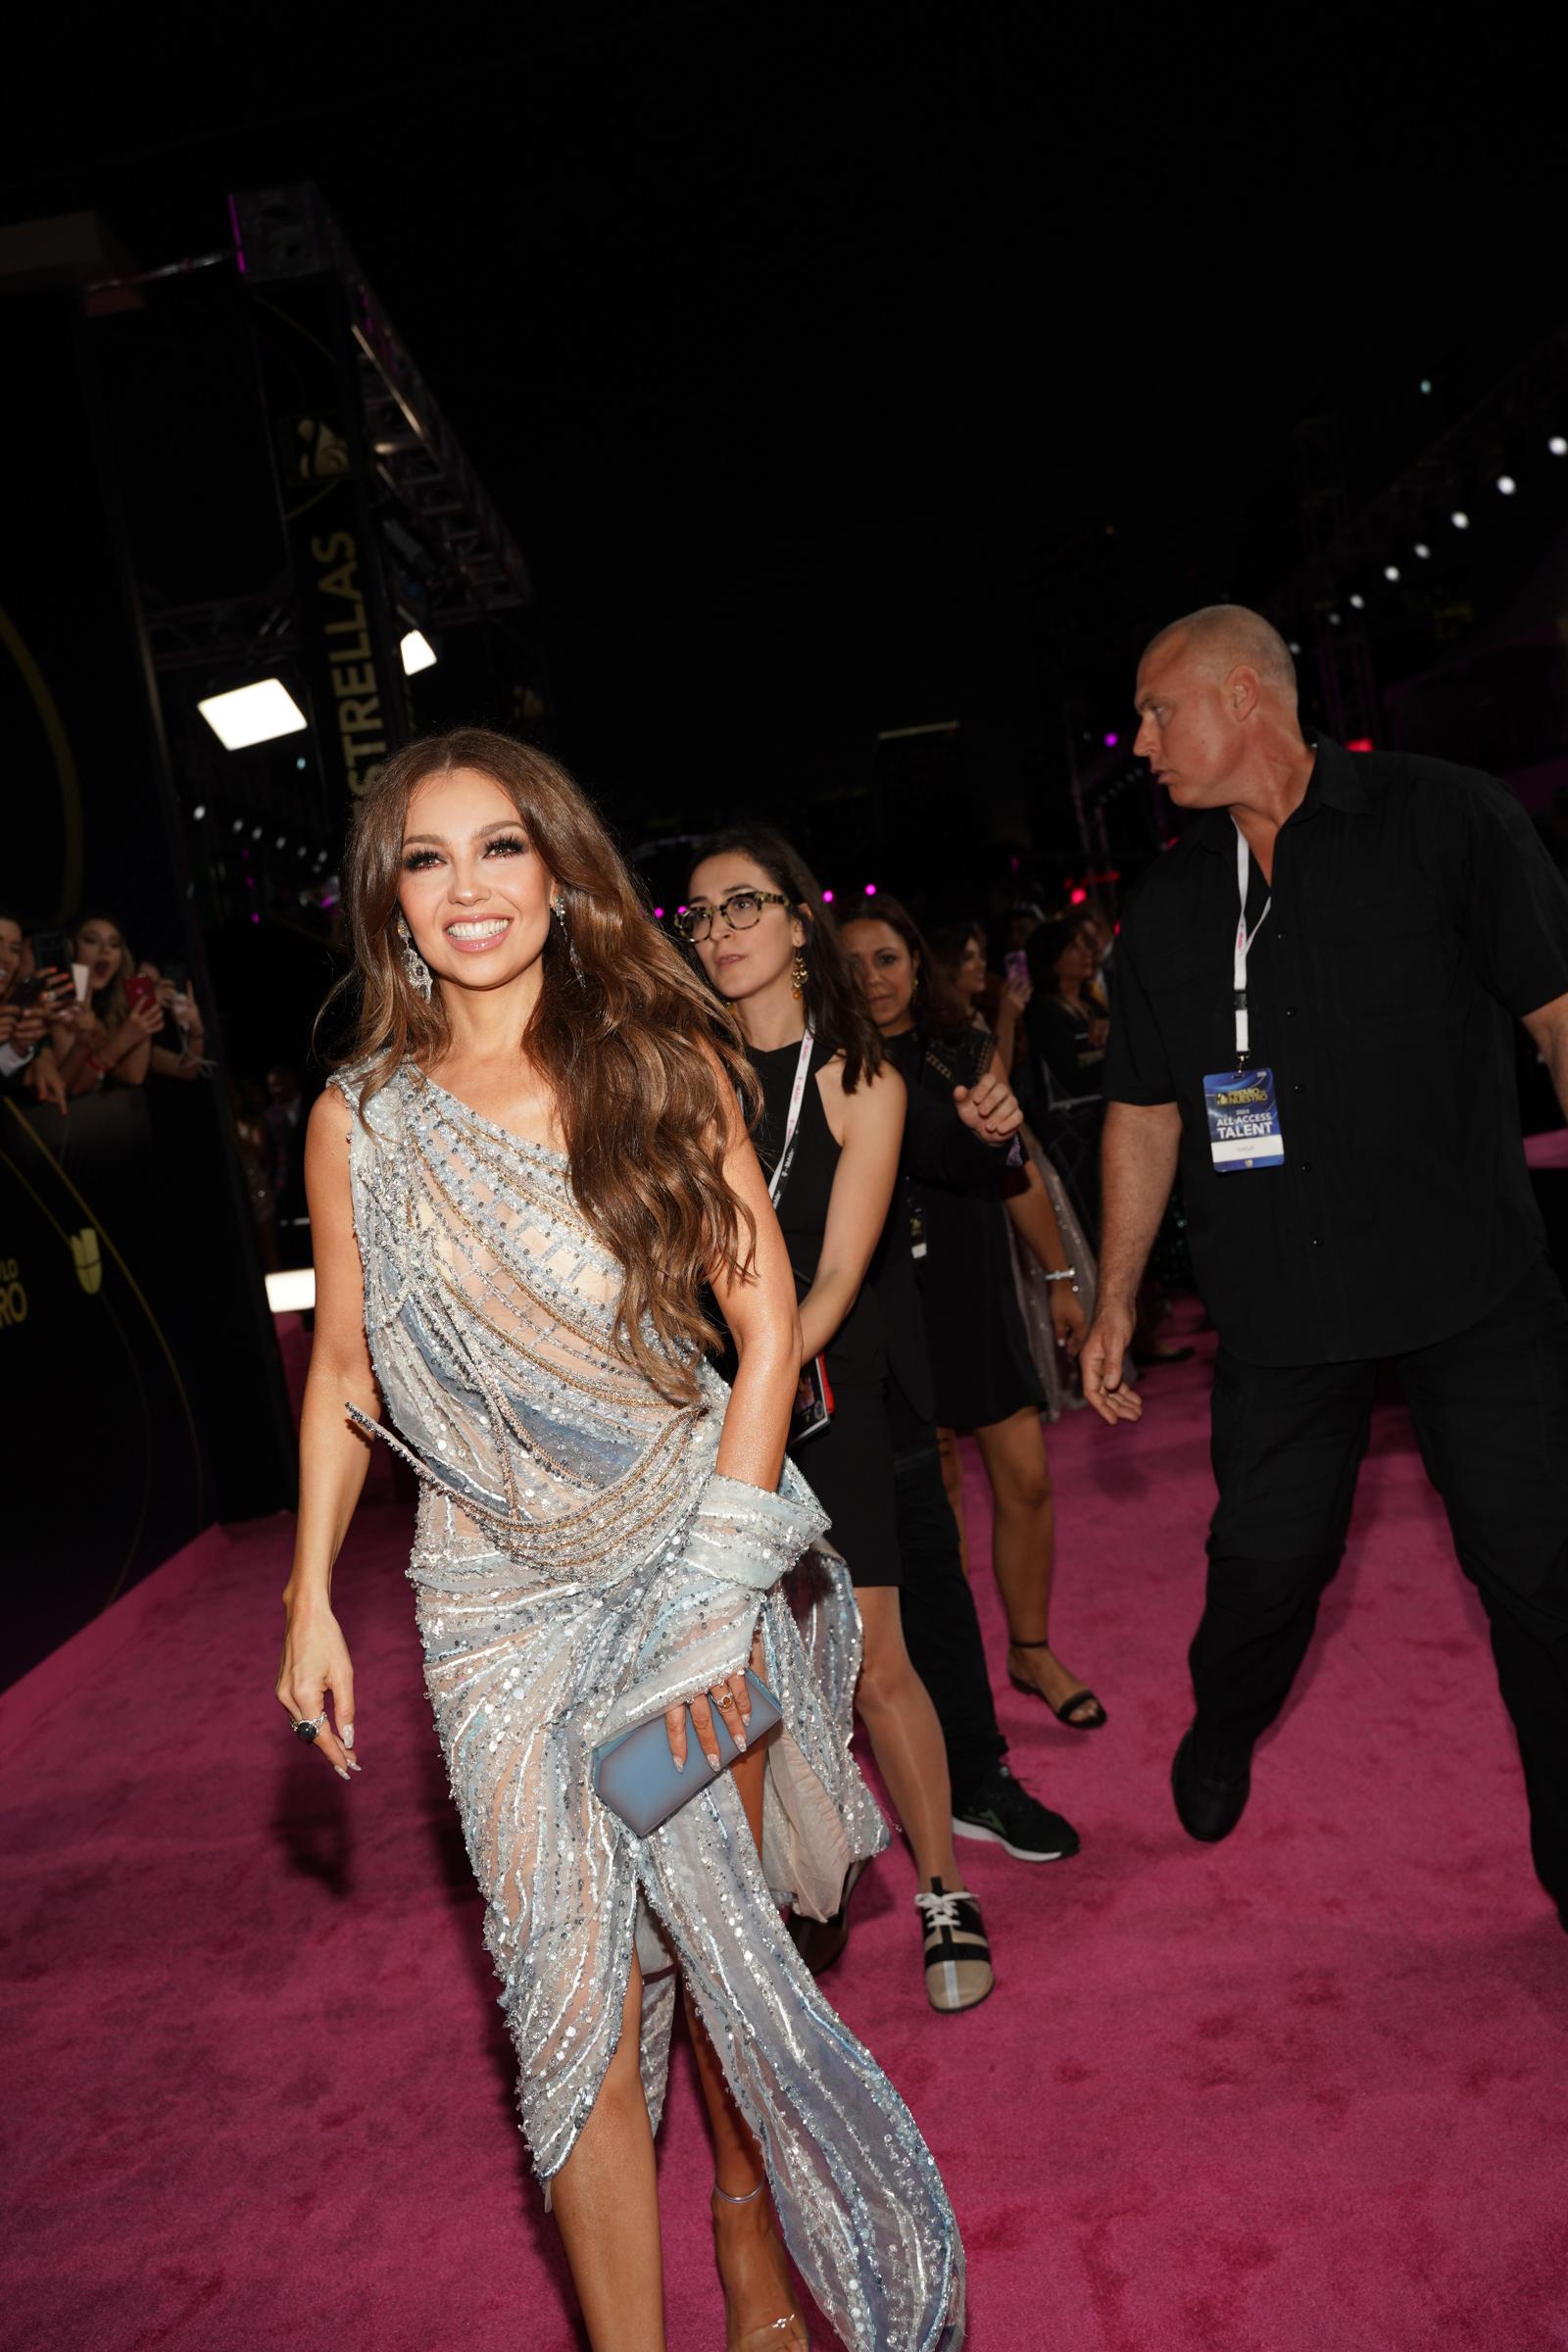 El primer atuendo de Thalía, una de las presentadoras de la noche, fue un revelador vestido de corte asimétrico bordado en pedrería. (Suministradas)